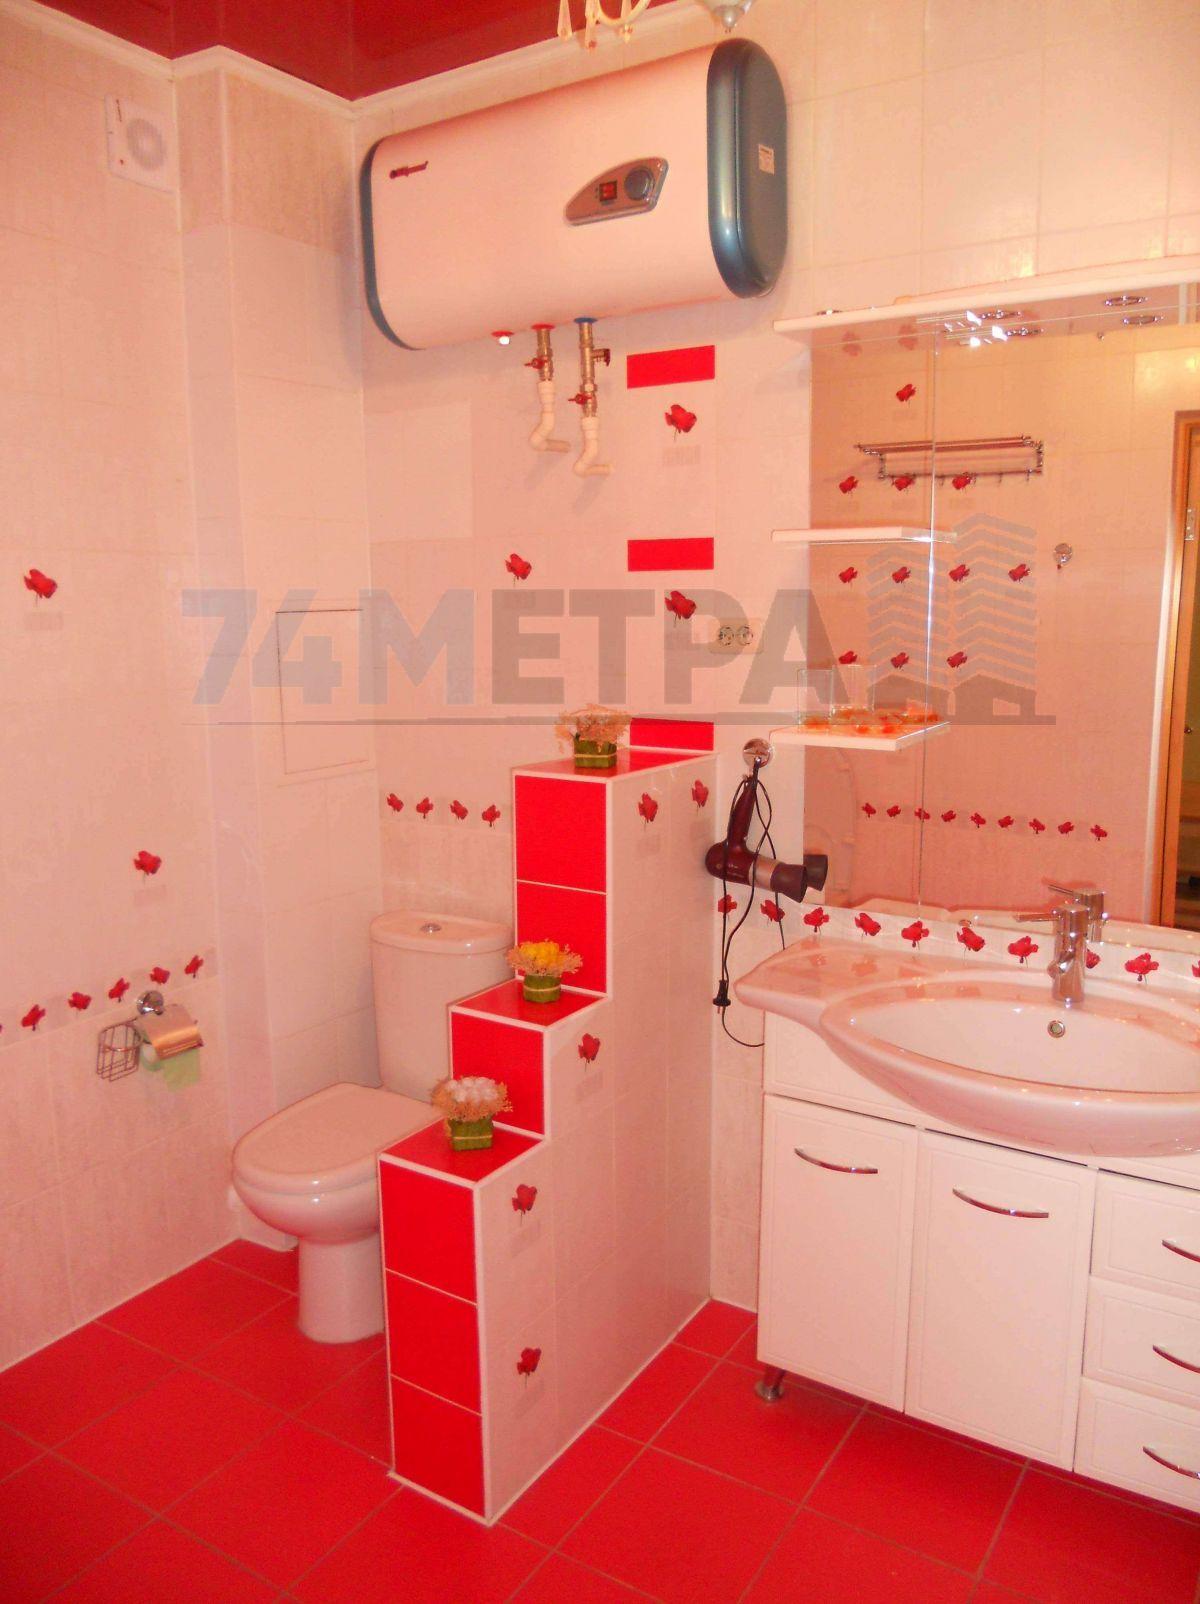 33 000 ₽, 2 - комнатная квартира, площадь 63 м², этаж 5/5